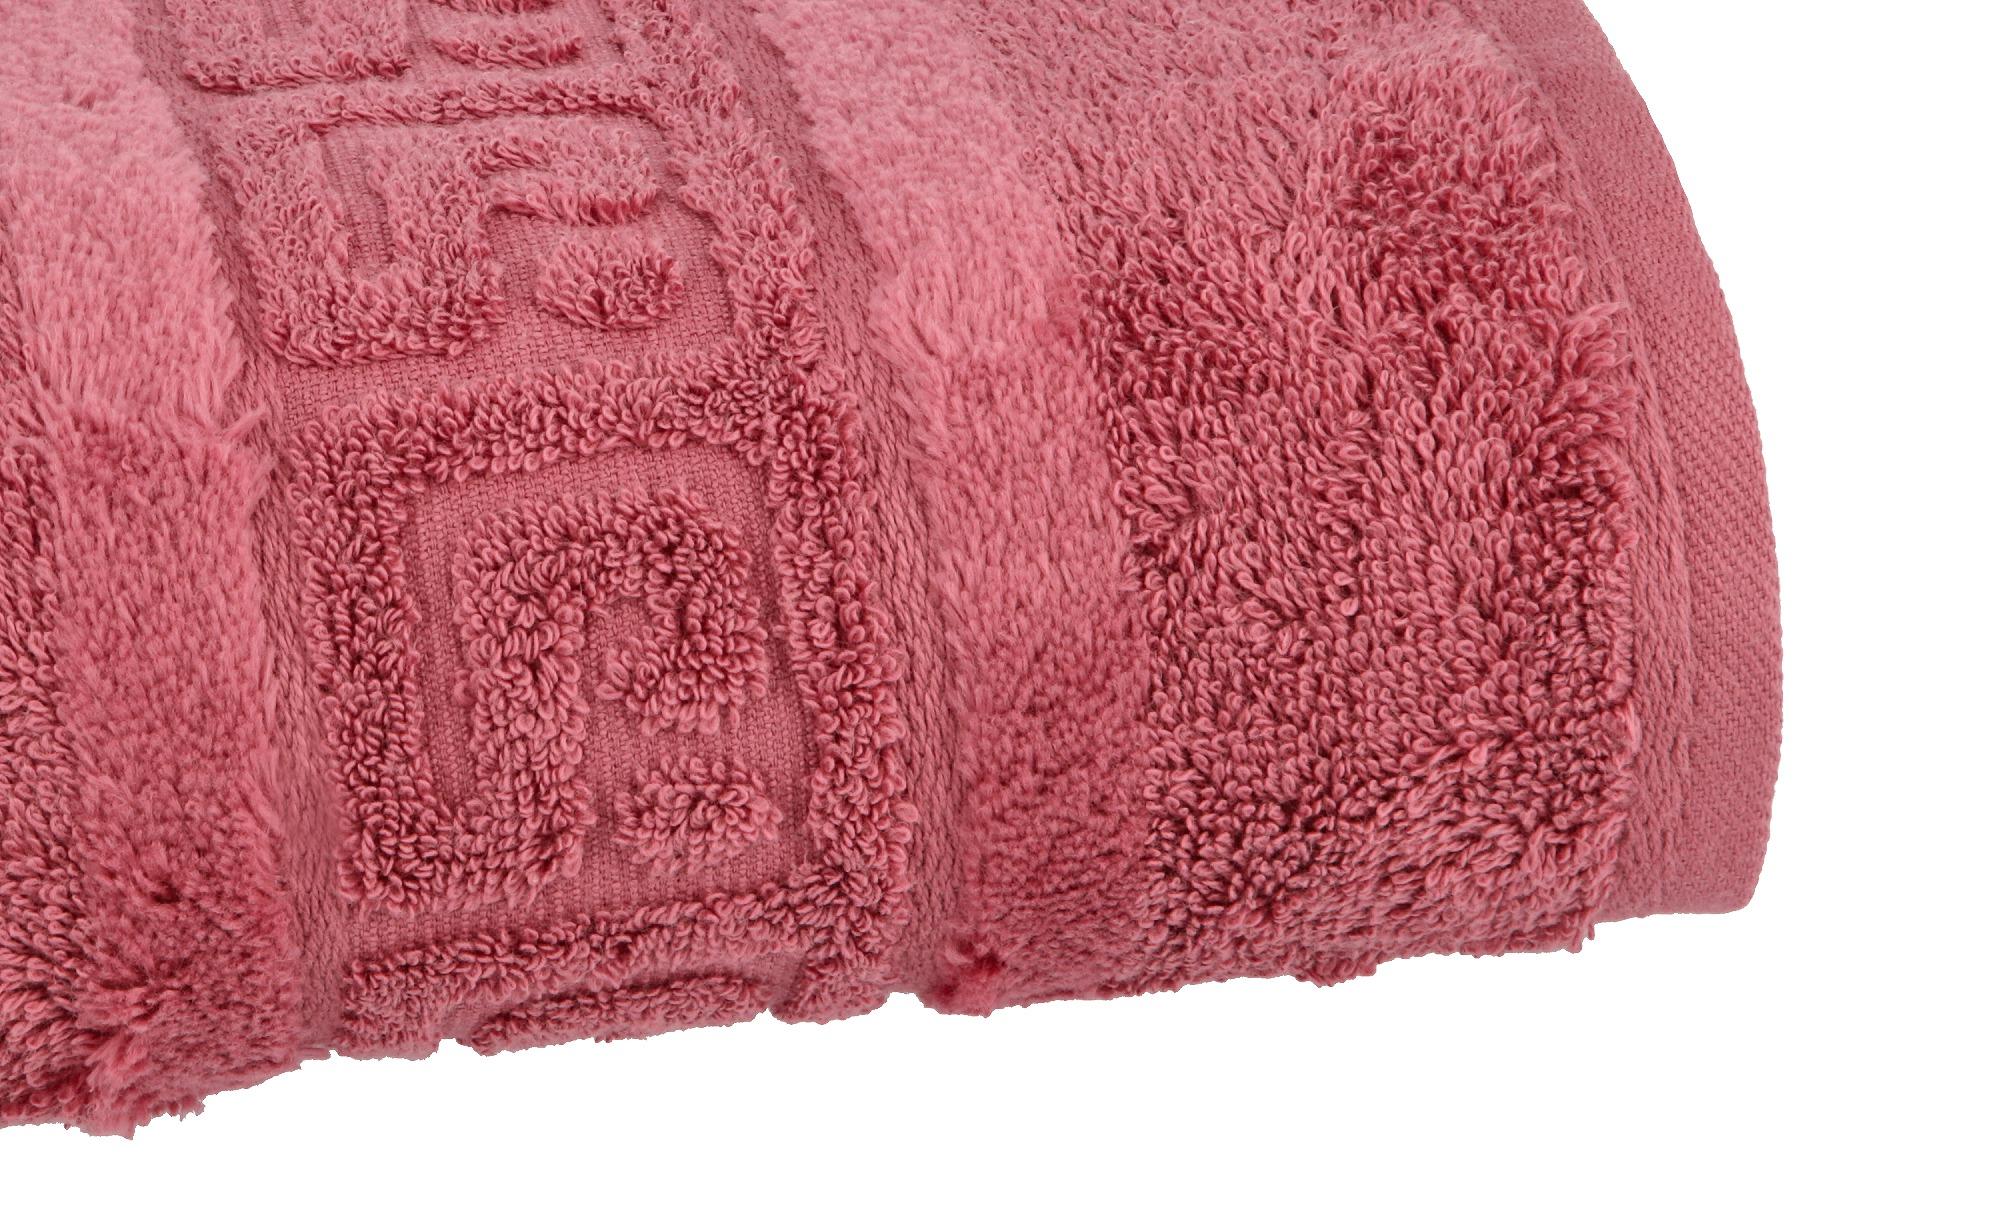 CaWö Handtuch  1001 ¦ rosa/pink ¦ 100% Baumwolle ¦ Maße (cm): B: 50 Badtextilien und Zubehör > Handtücher - Höffner